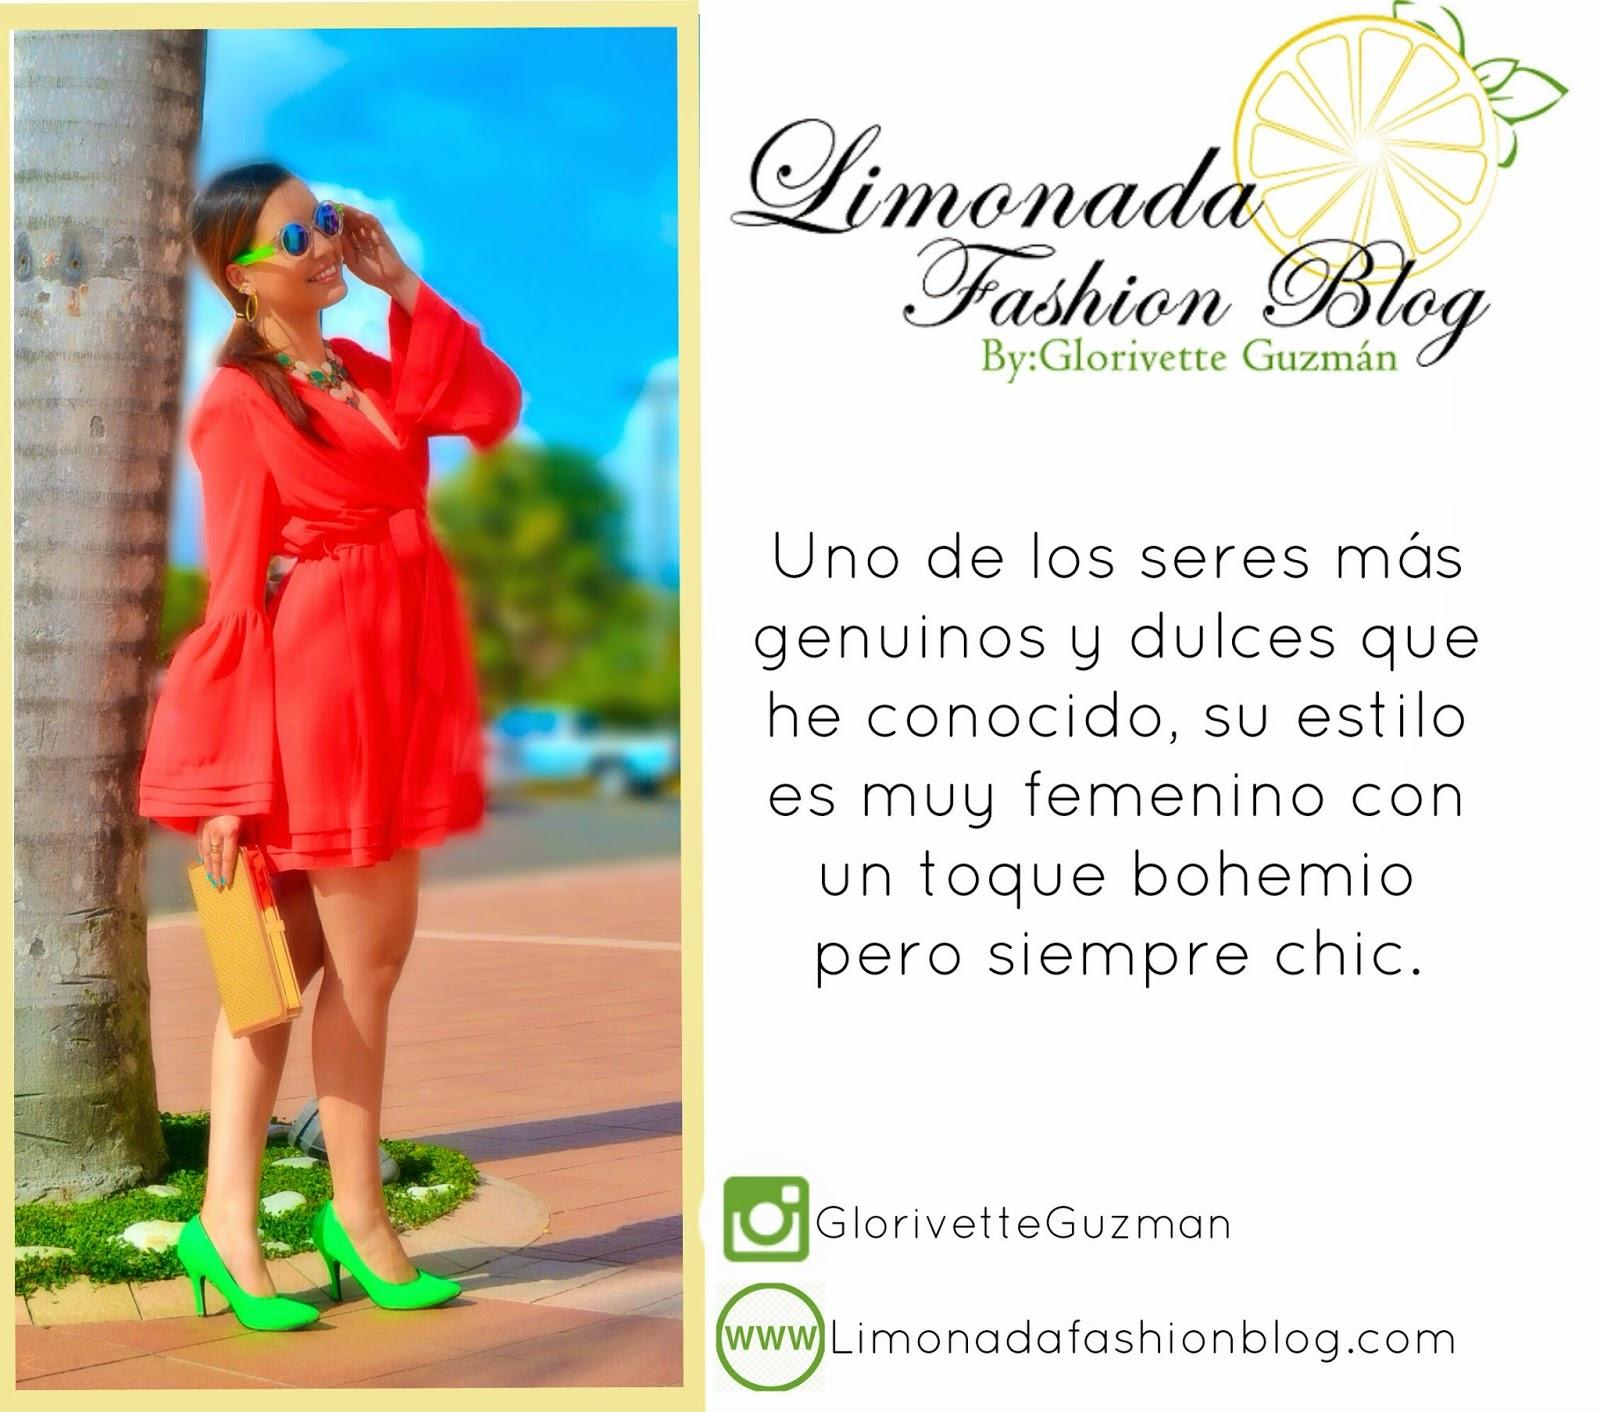 http://www.limonadafashionblog.com/